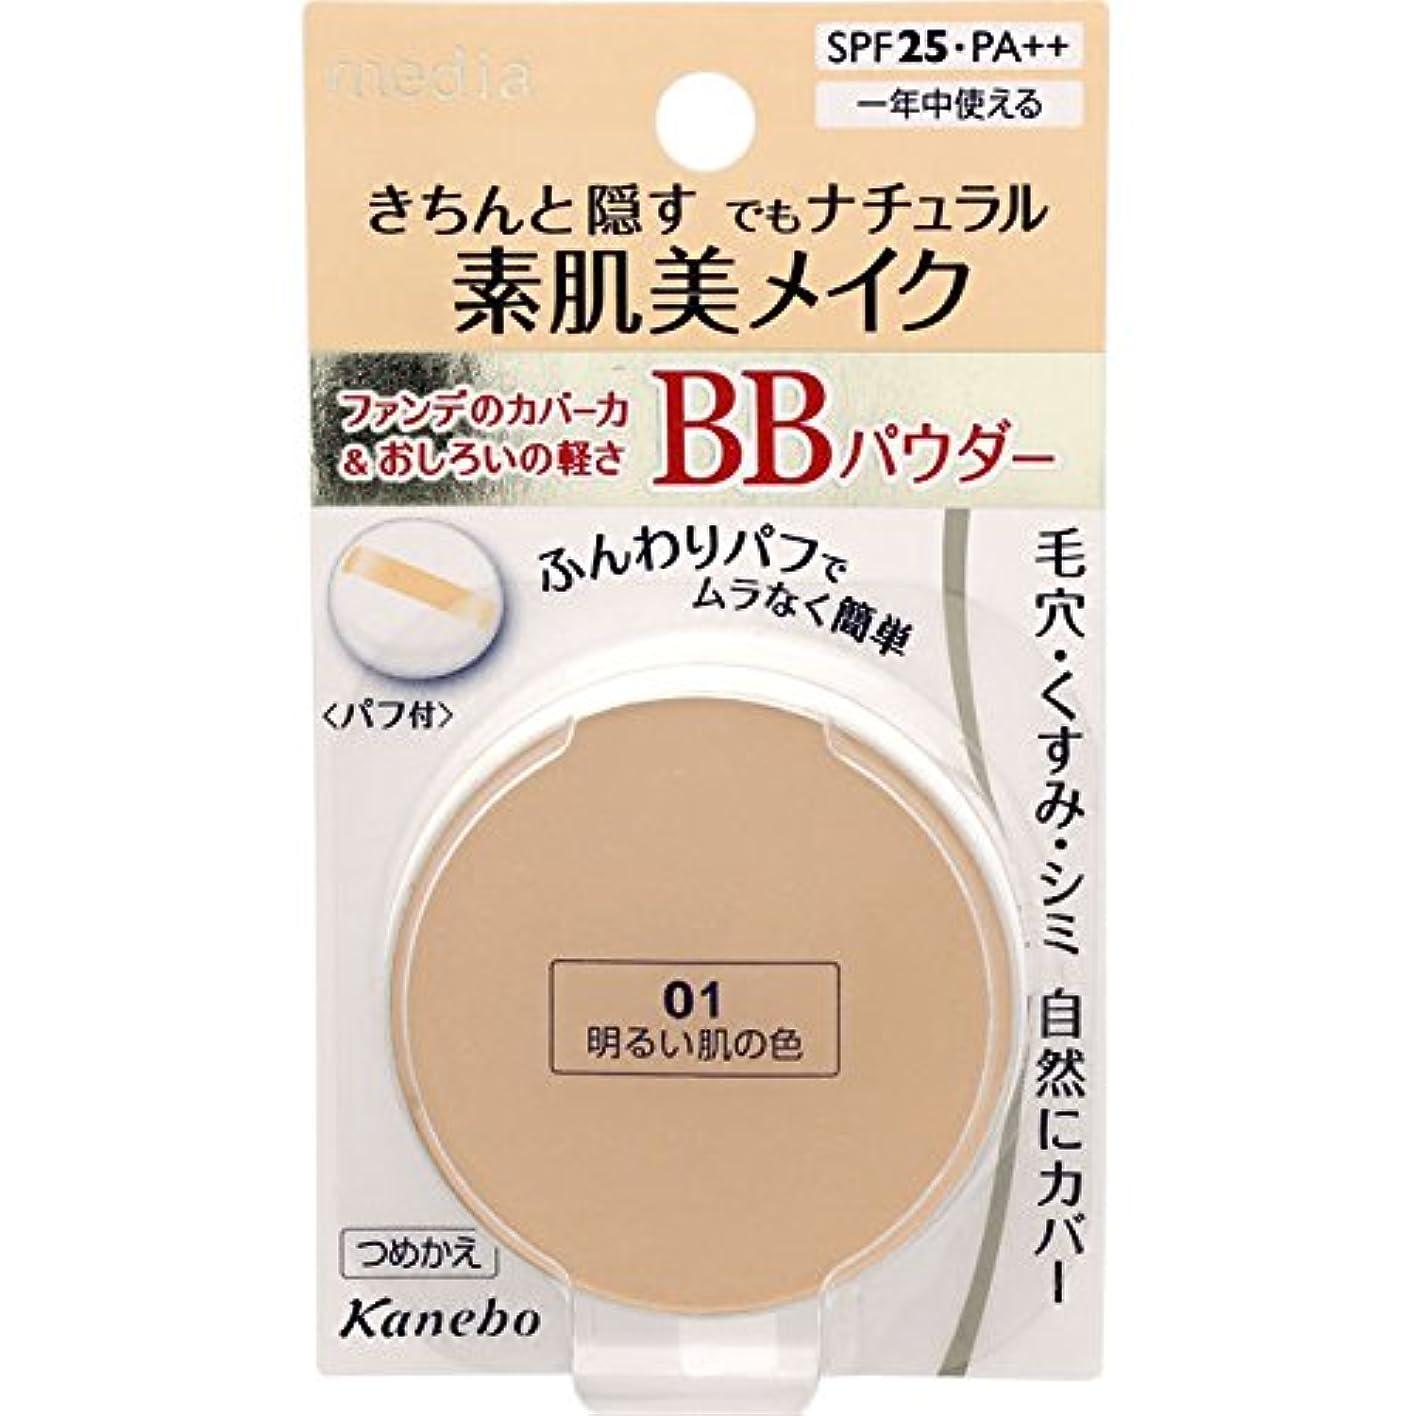 日焼け隔離お手入れメディアBBパウダー01(明るい肌の色)×3